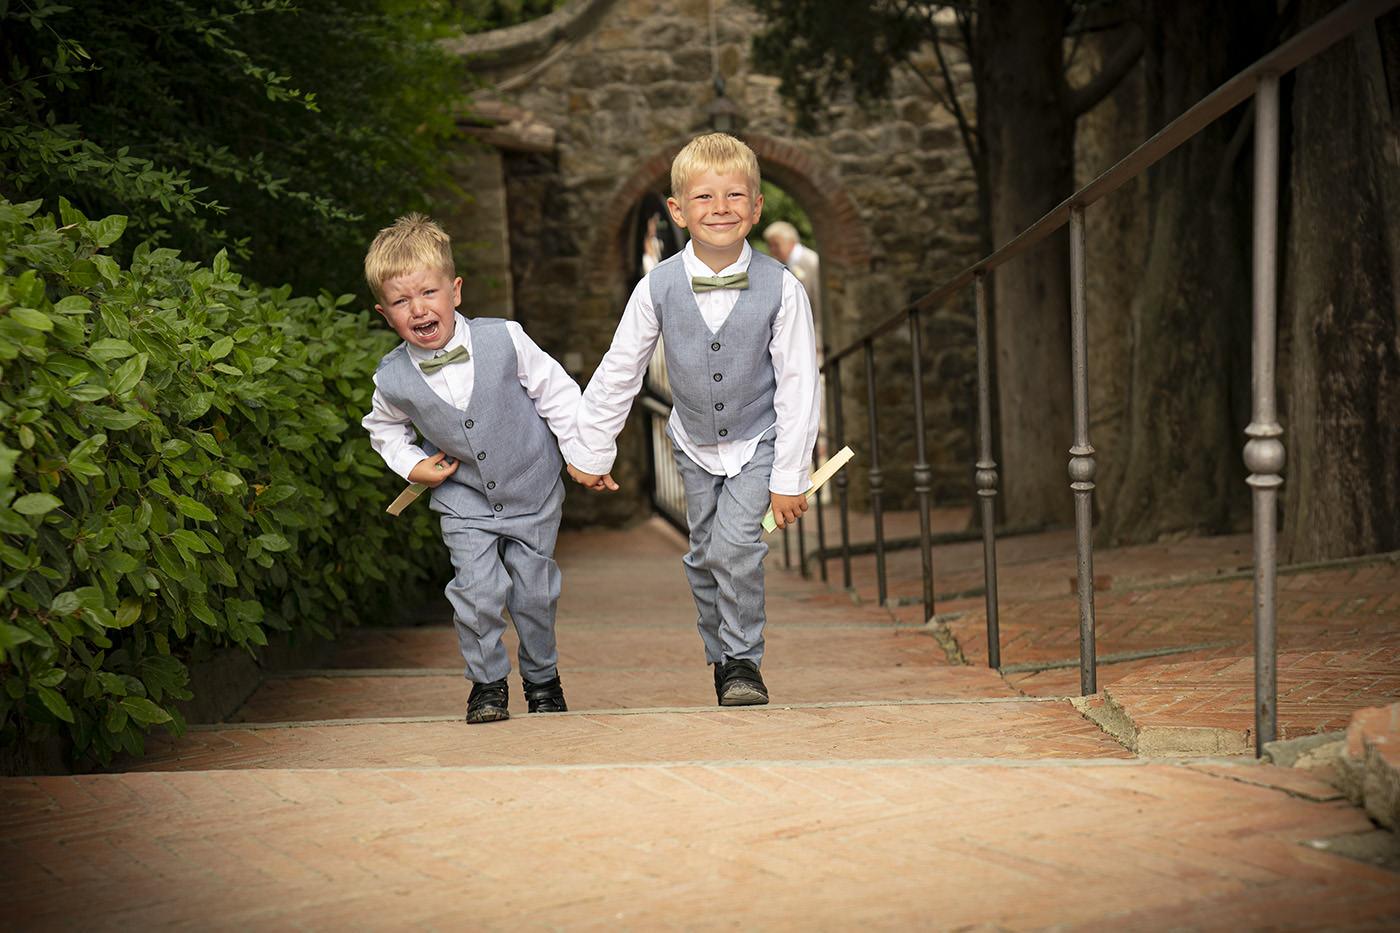 Duccio Argentini Wedding Photographer Chianti: Vicchiommaggio Castle